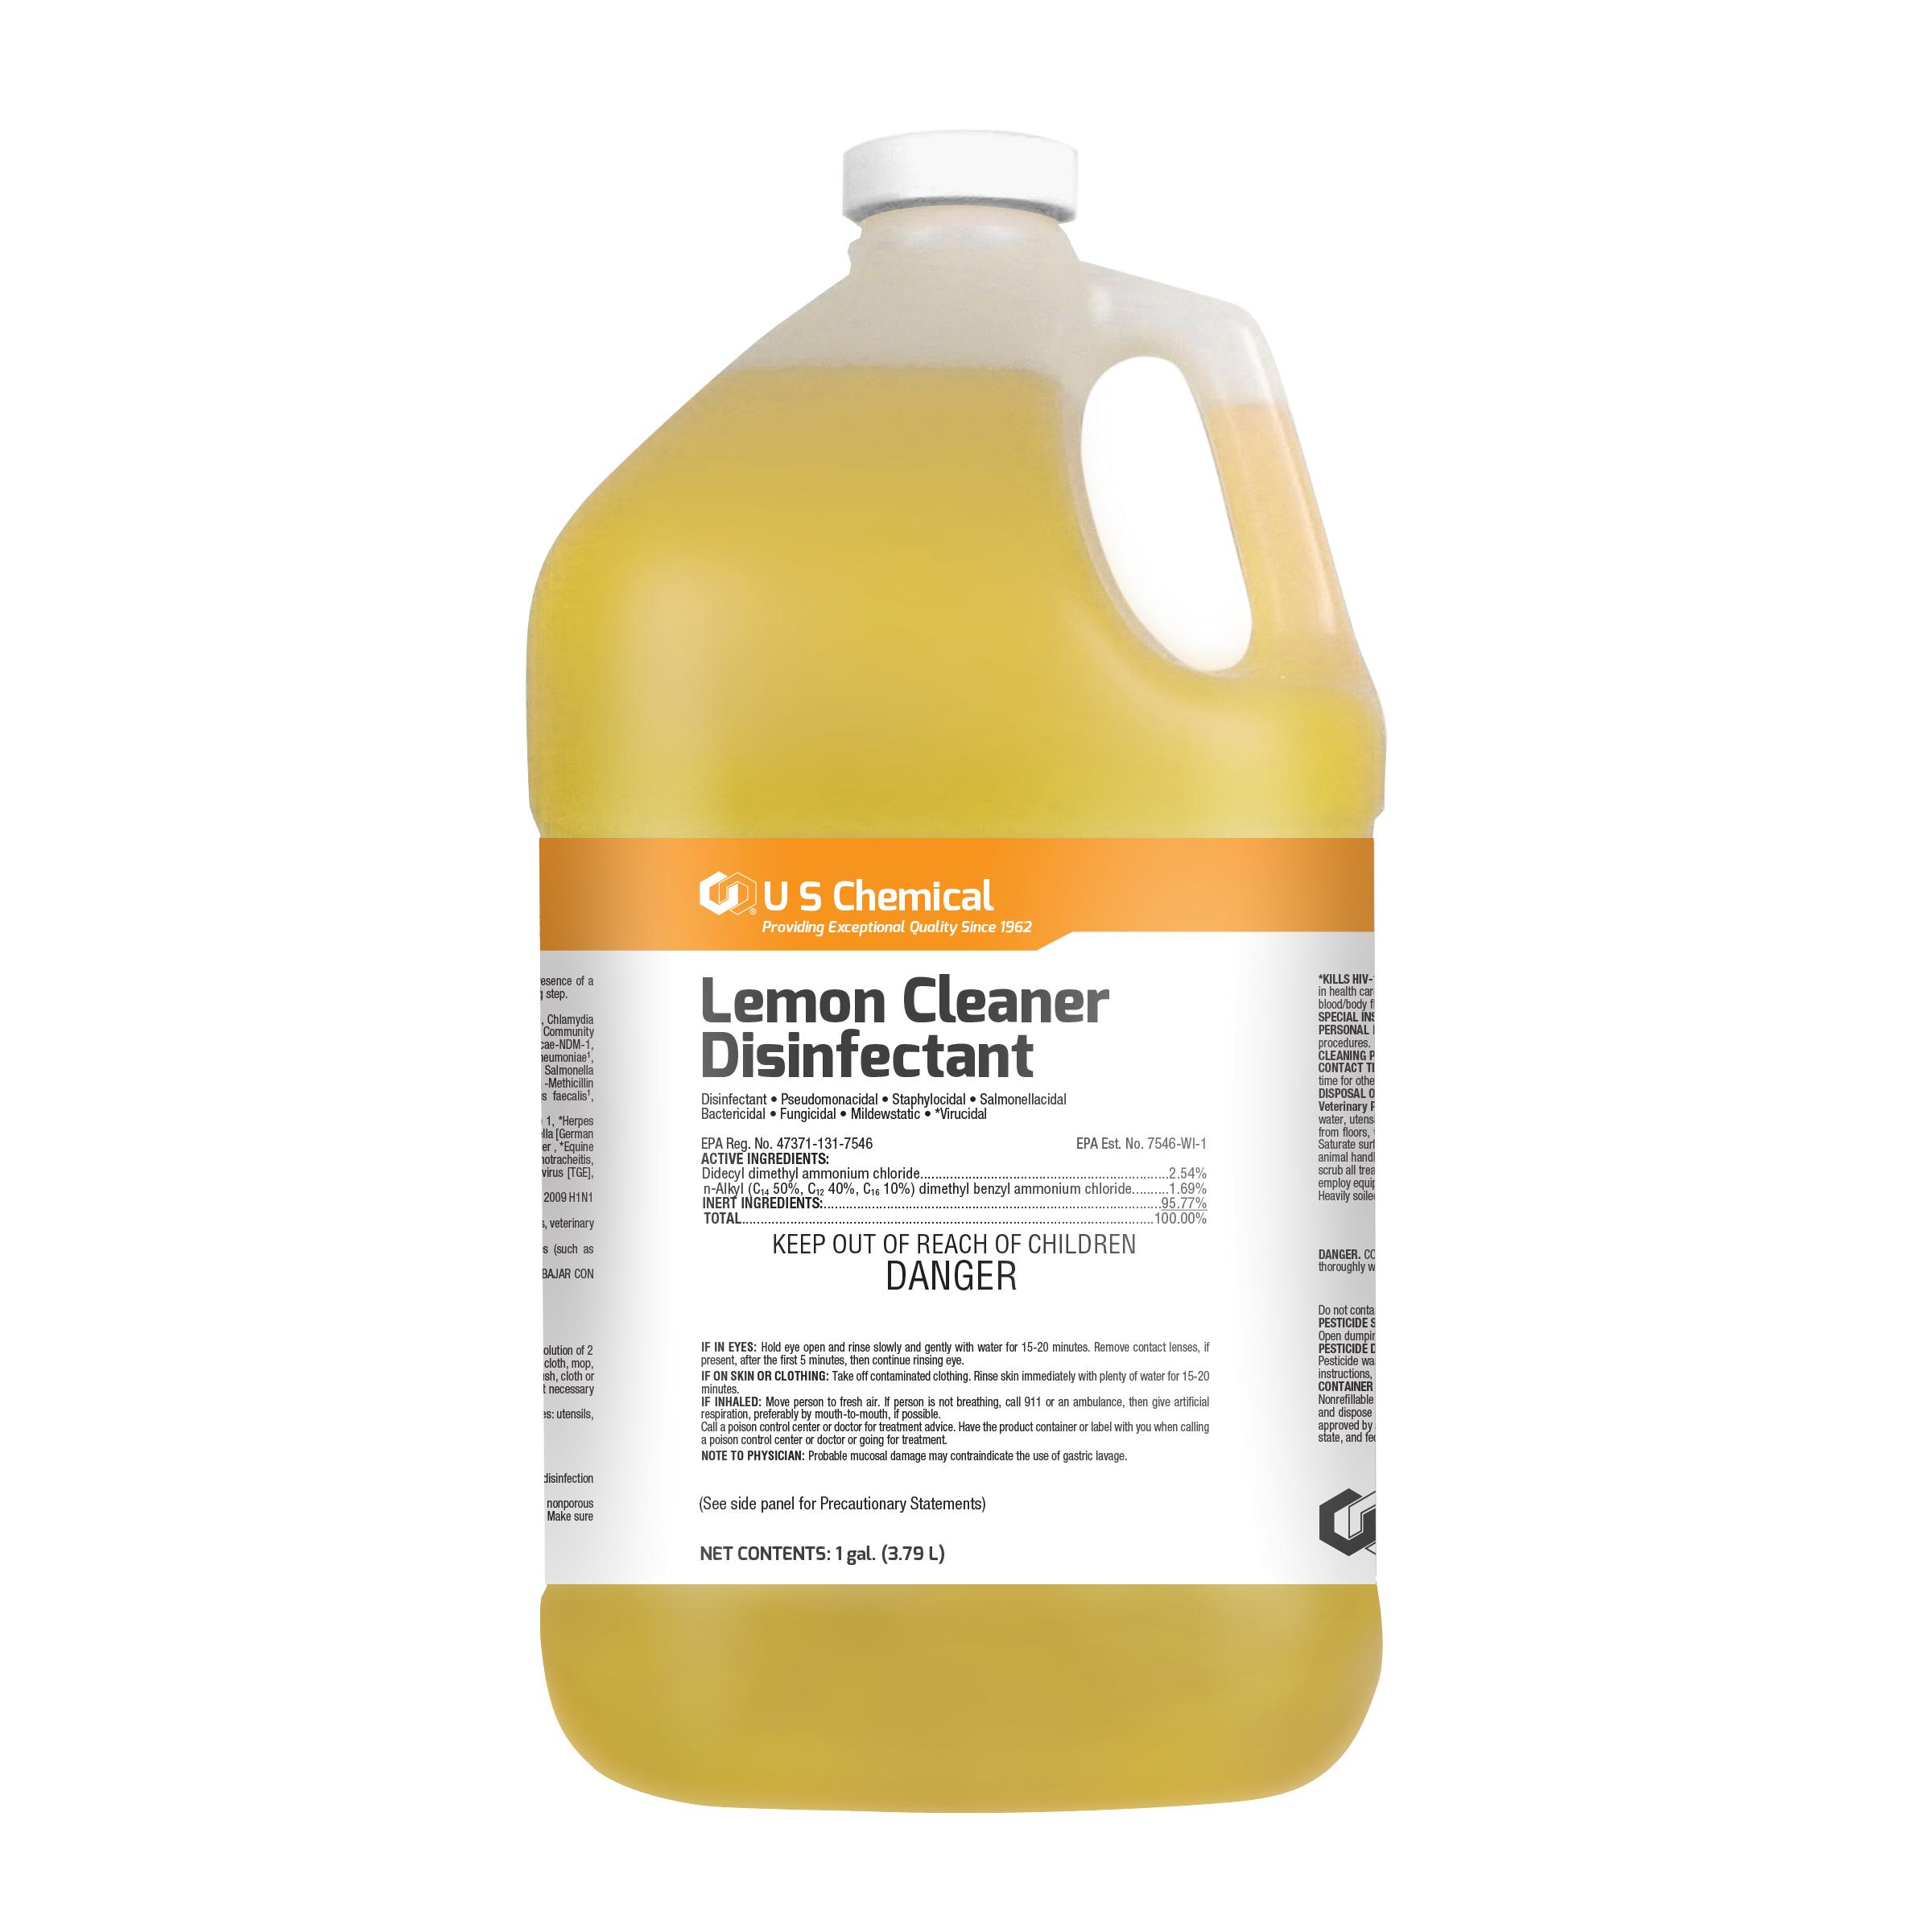 057668_LEMON_CLEANER_DISINFECTANT_1GA